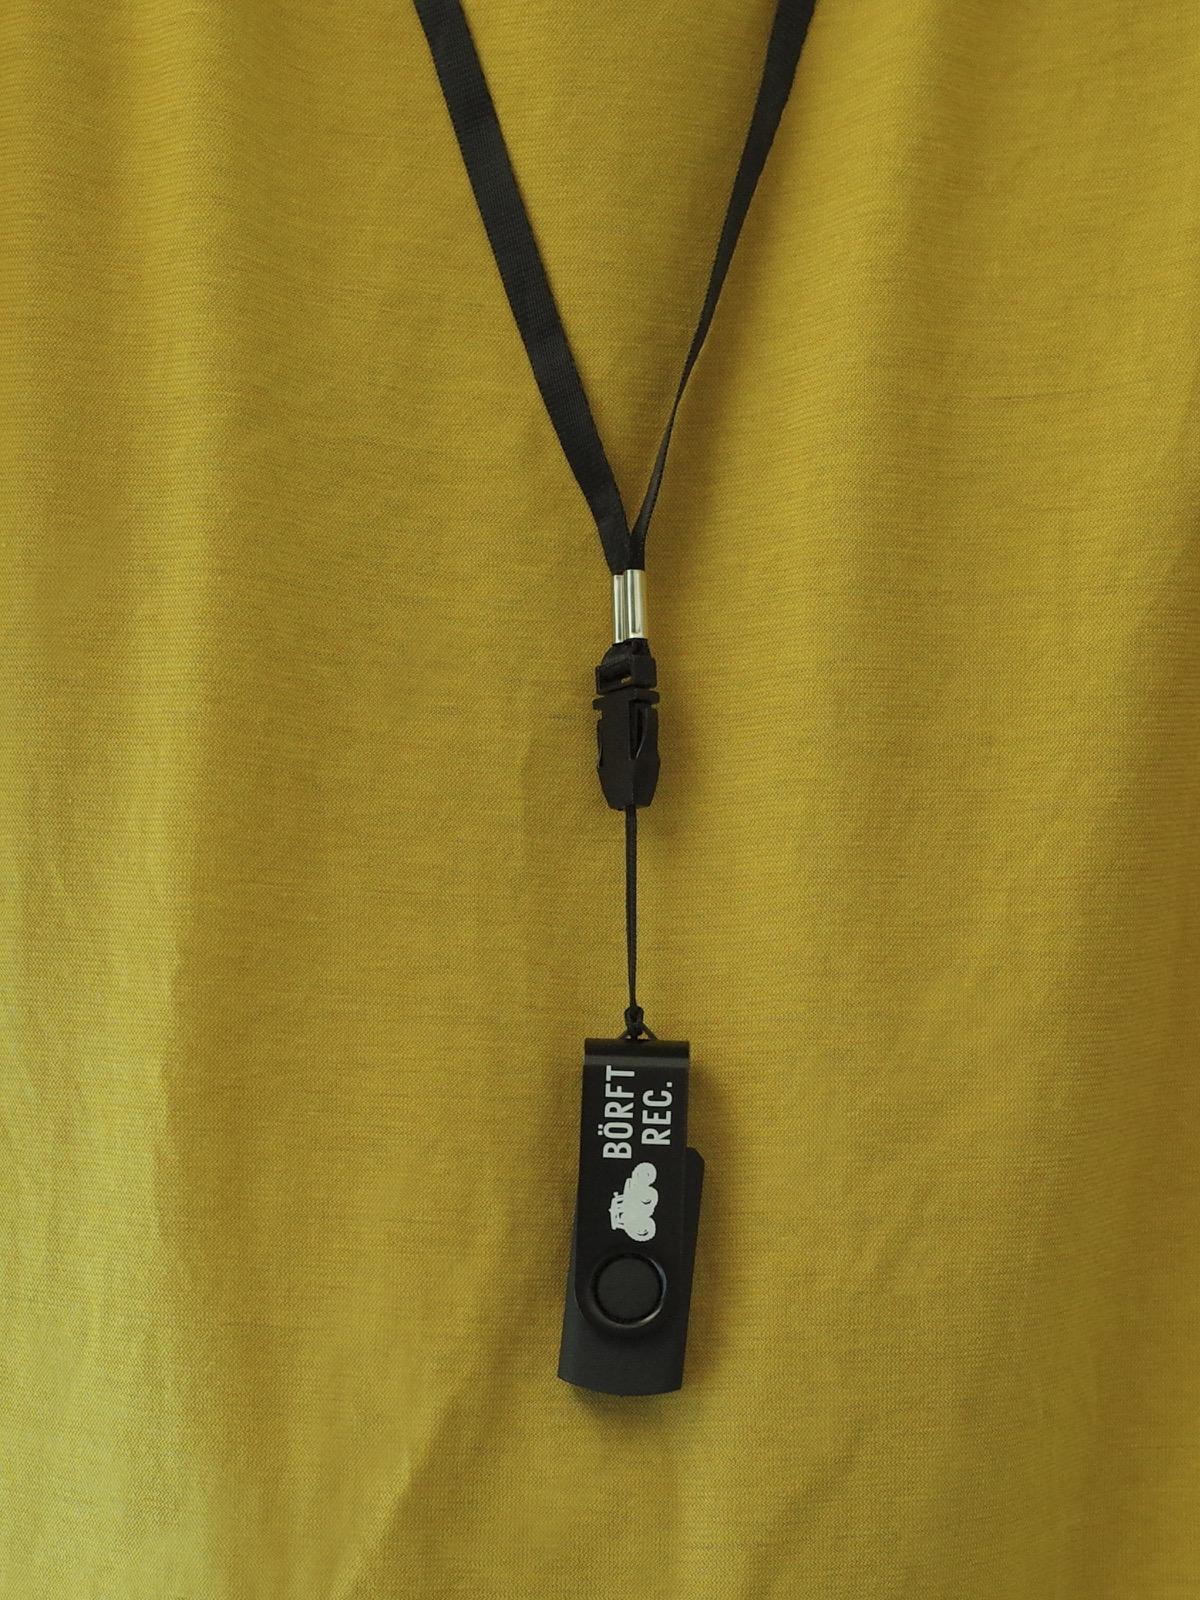 airbag craftworks boerft - usb stick